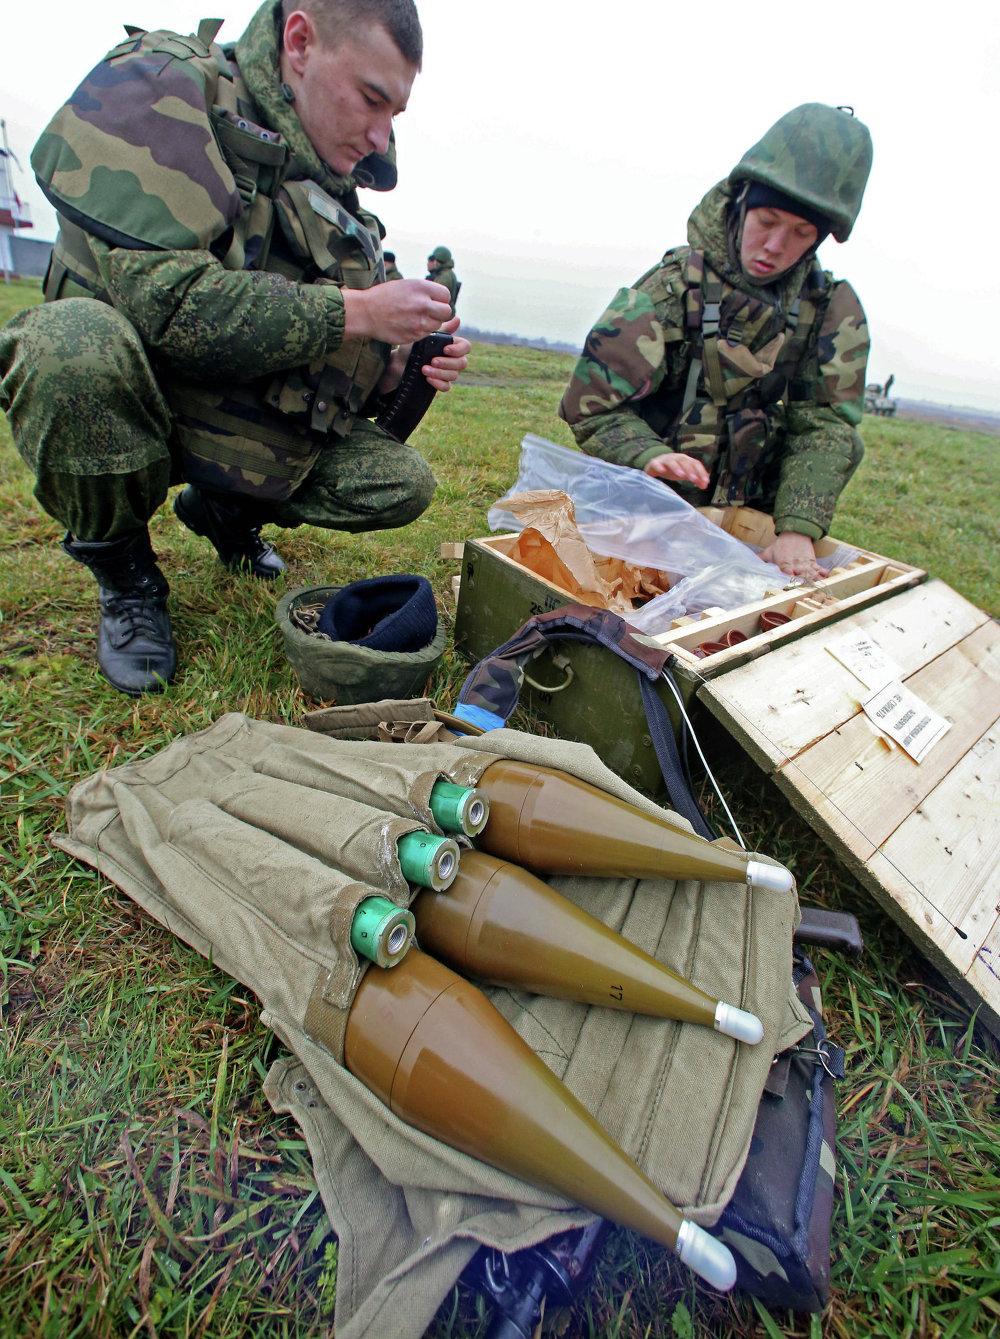 Военнослужащие на учениях морских пехотинцев береговых войск Балтийского флота в рамках подготовки ко дню морской пехоты